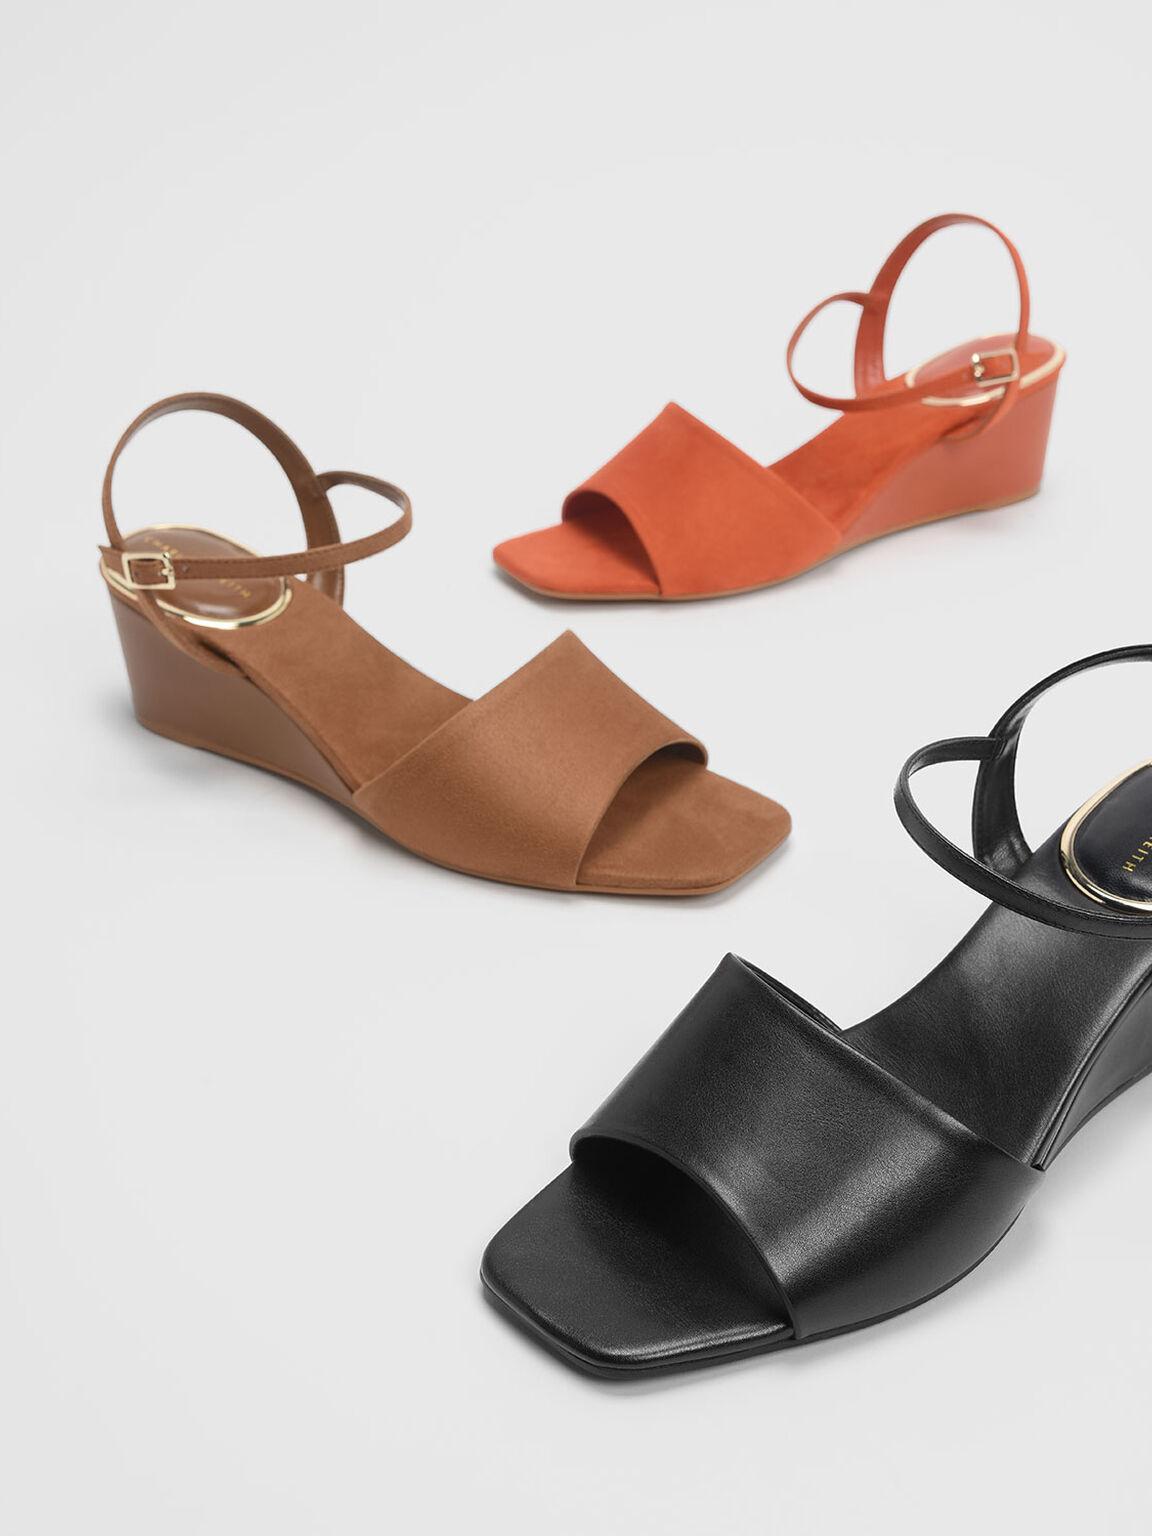 Ankle Strap Wedges, Black, hi-res